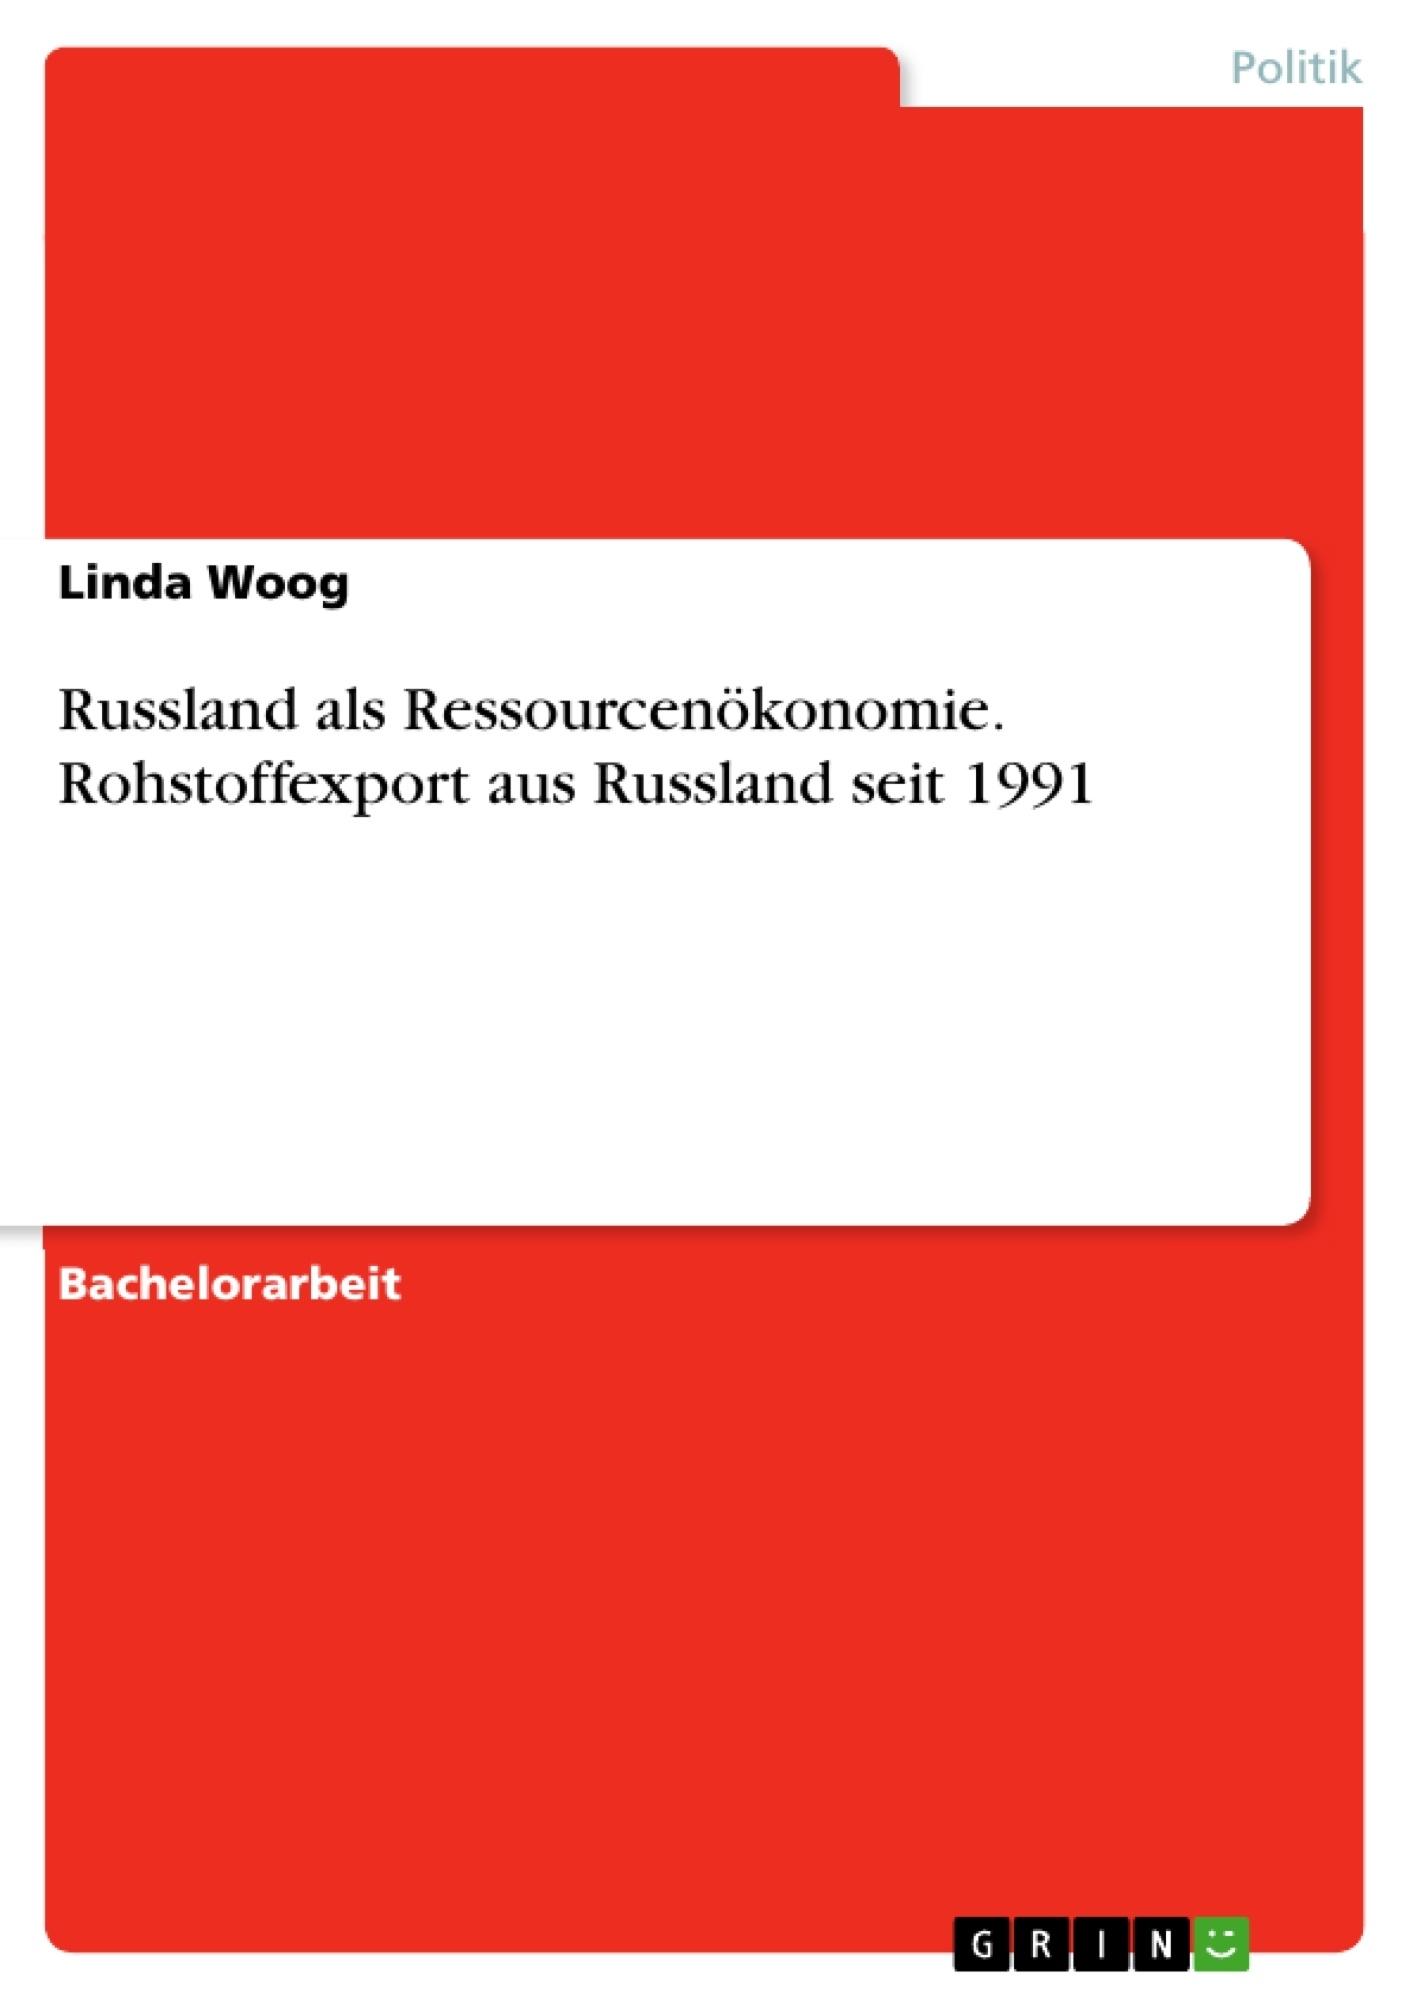 Titel: Russland als Ressourcenökonomie. Rohstoffexport aus Russland seit 1991